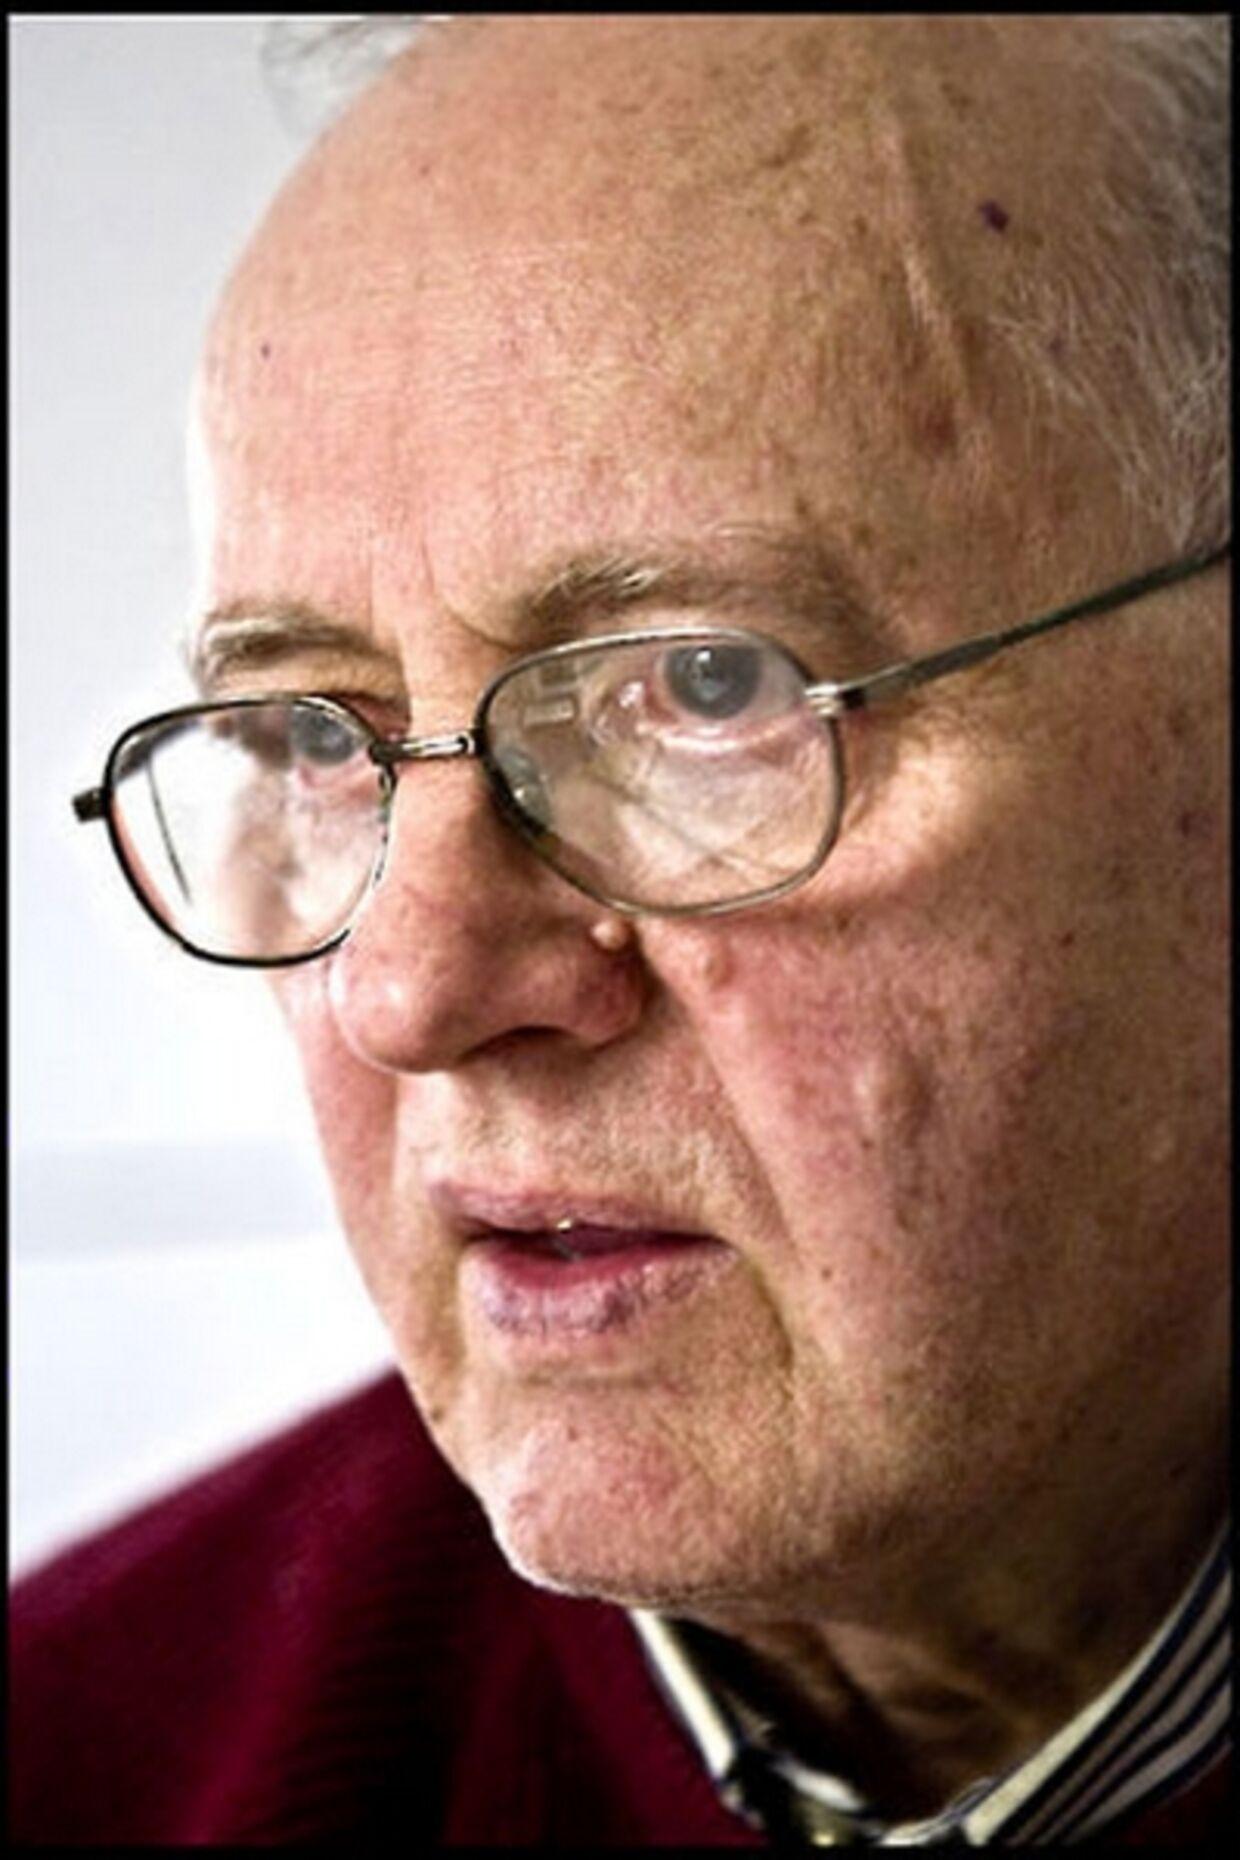 Palle Sørensen blev idømt livstid for de grove politimord.